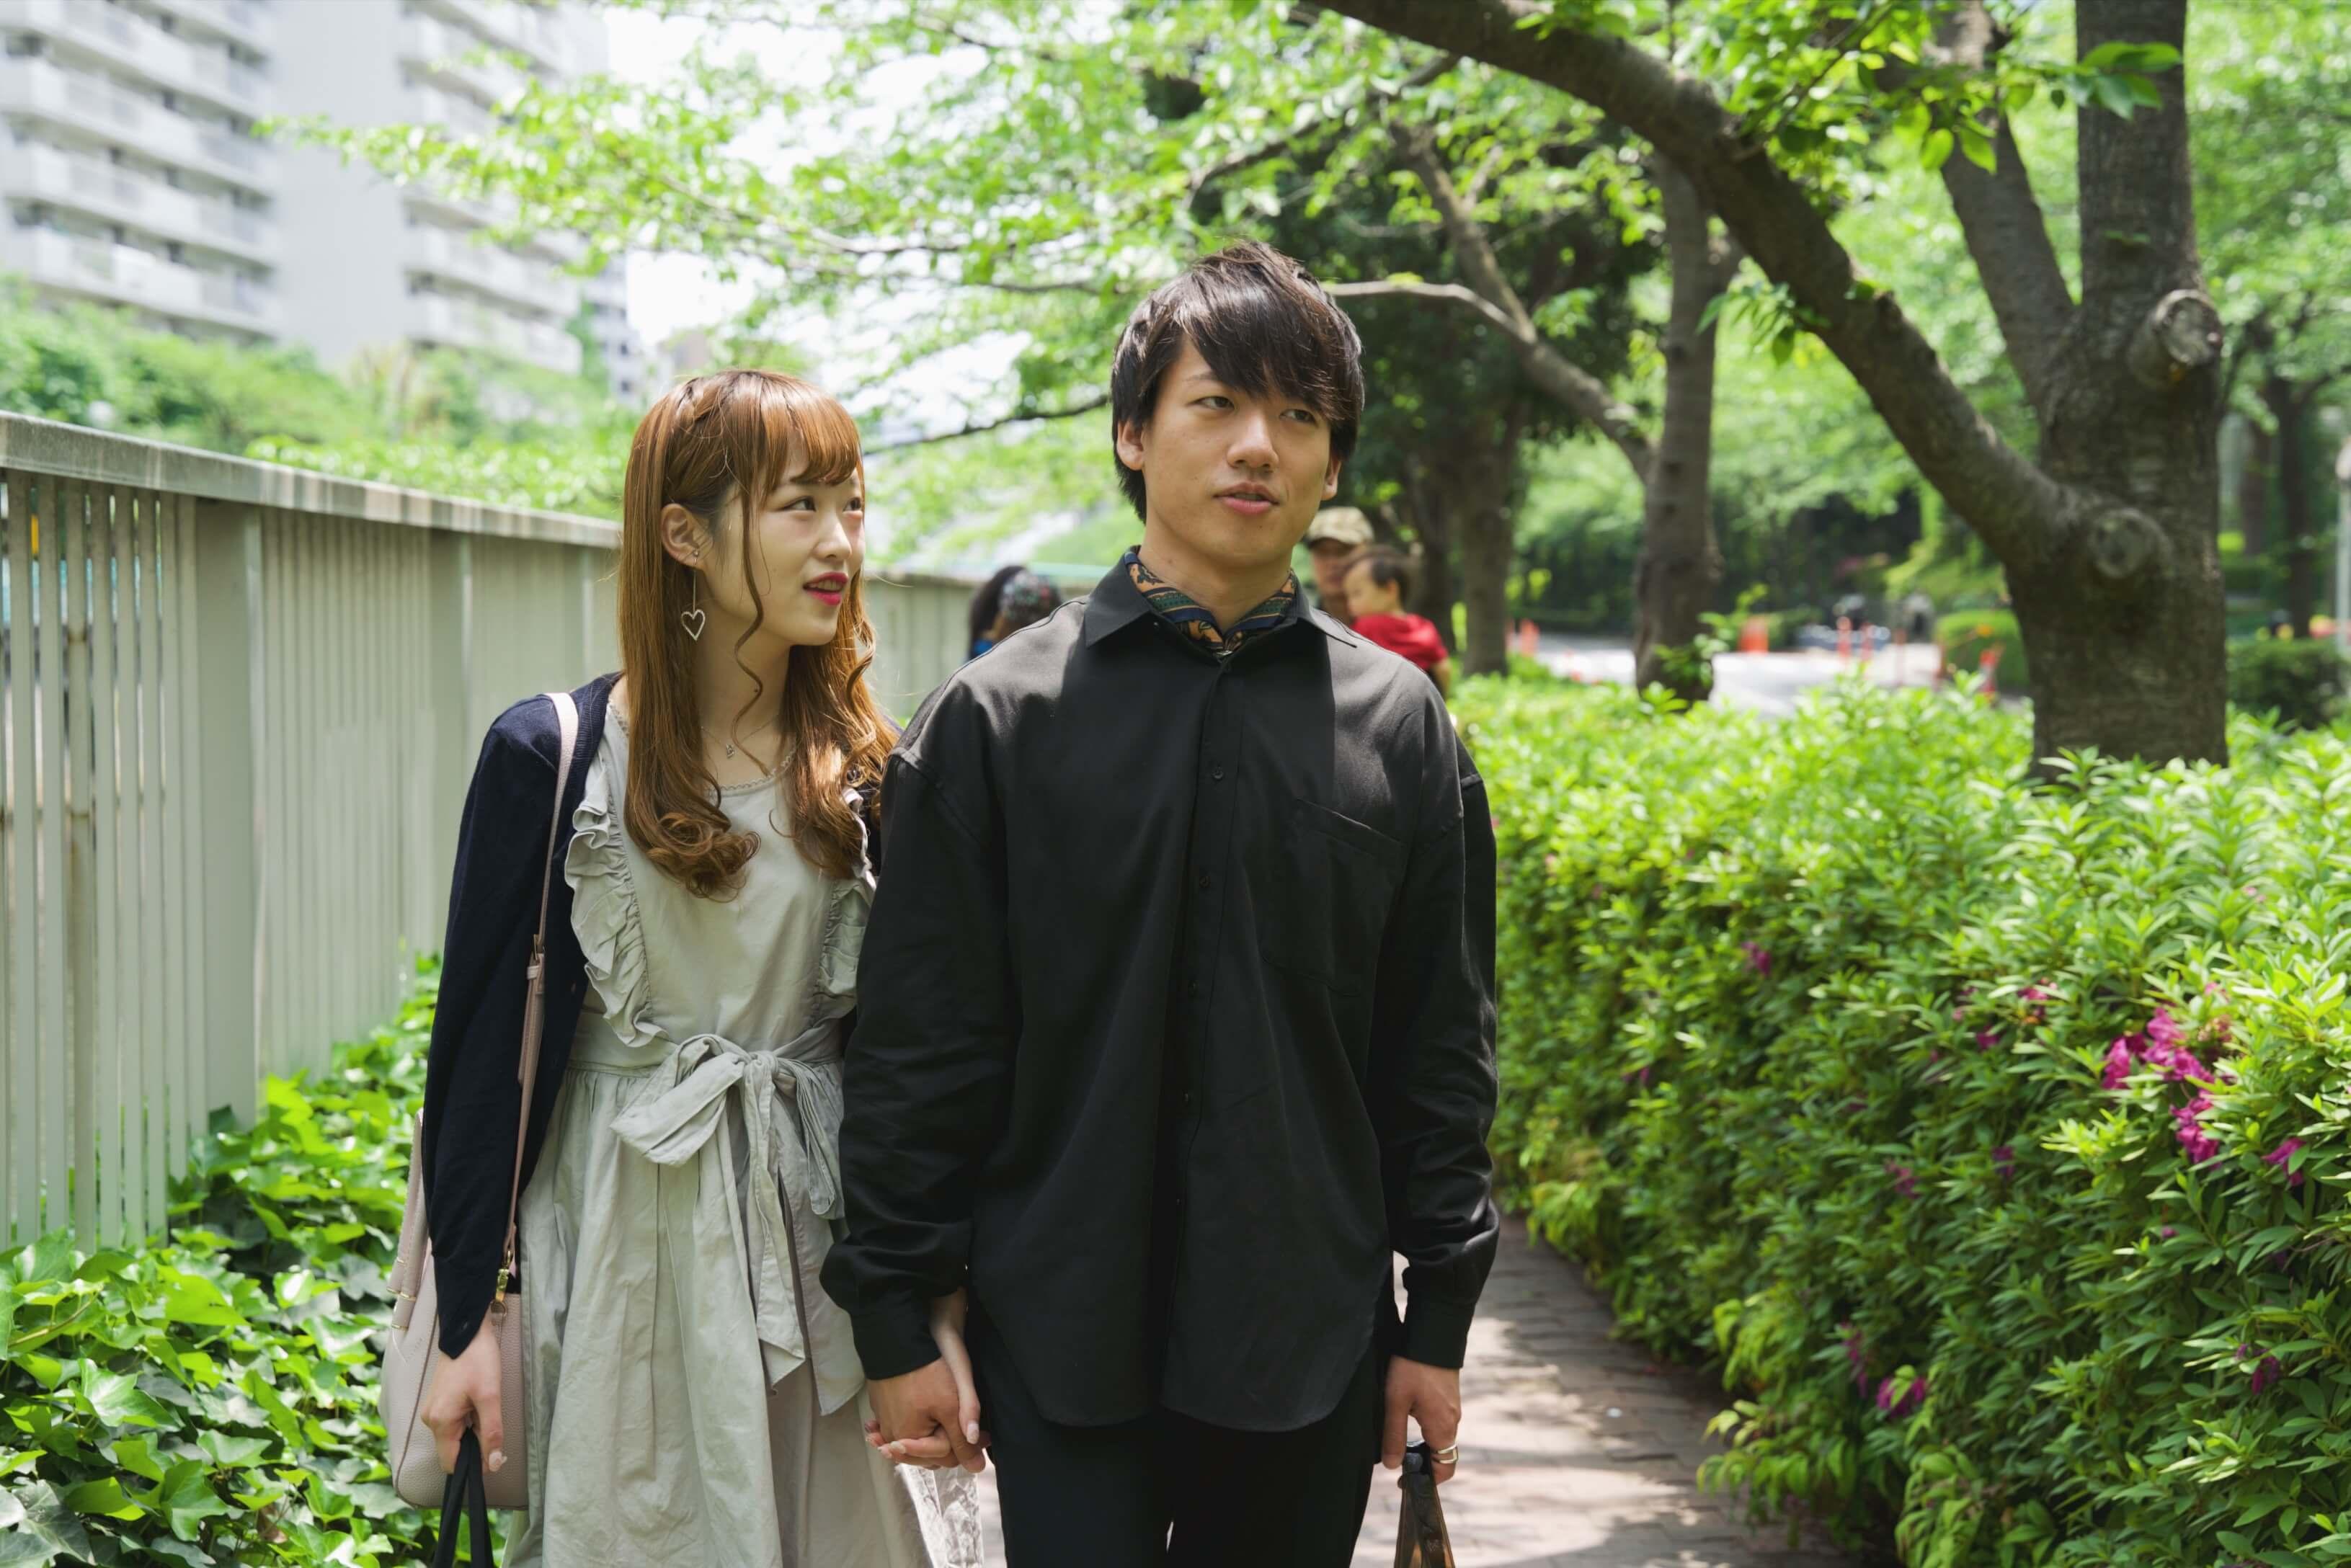 ペアーズを通してご結婚されたNatsukiさん・Marikoさんご夫妻